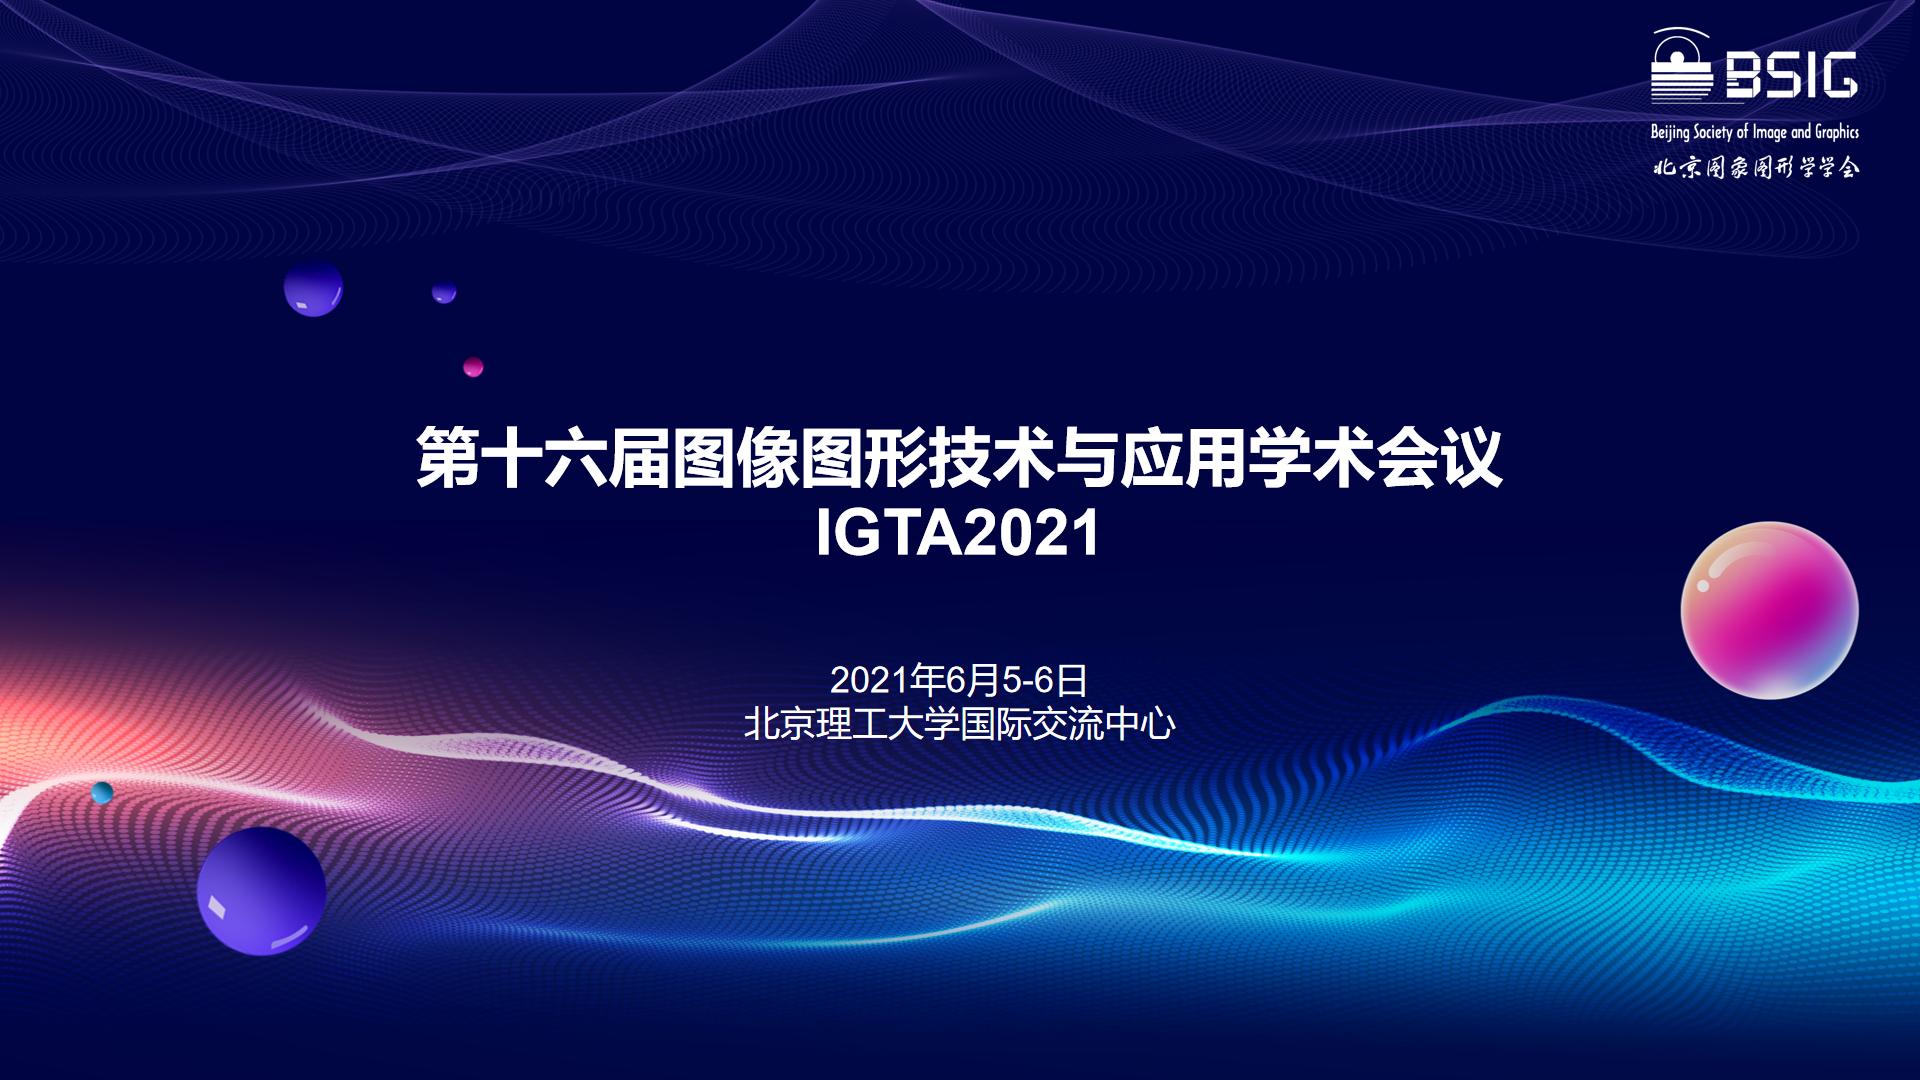 第十六届图像图形技术与应用学术会议顺利召开